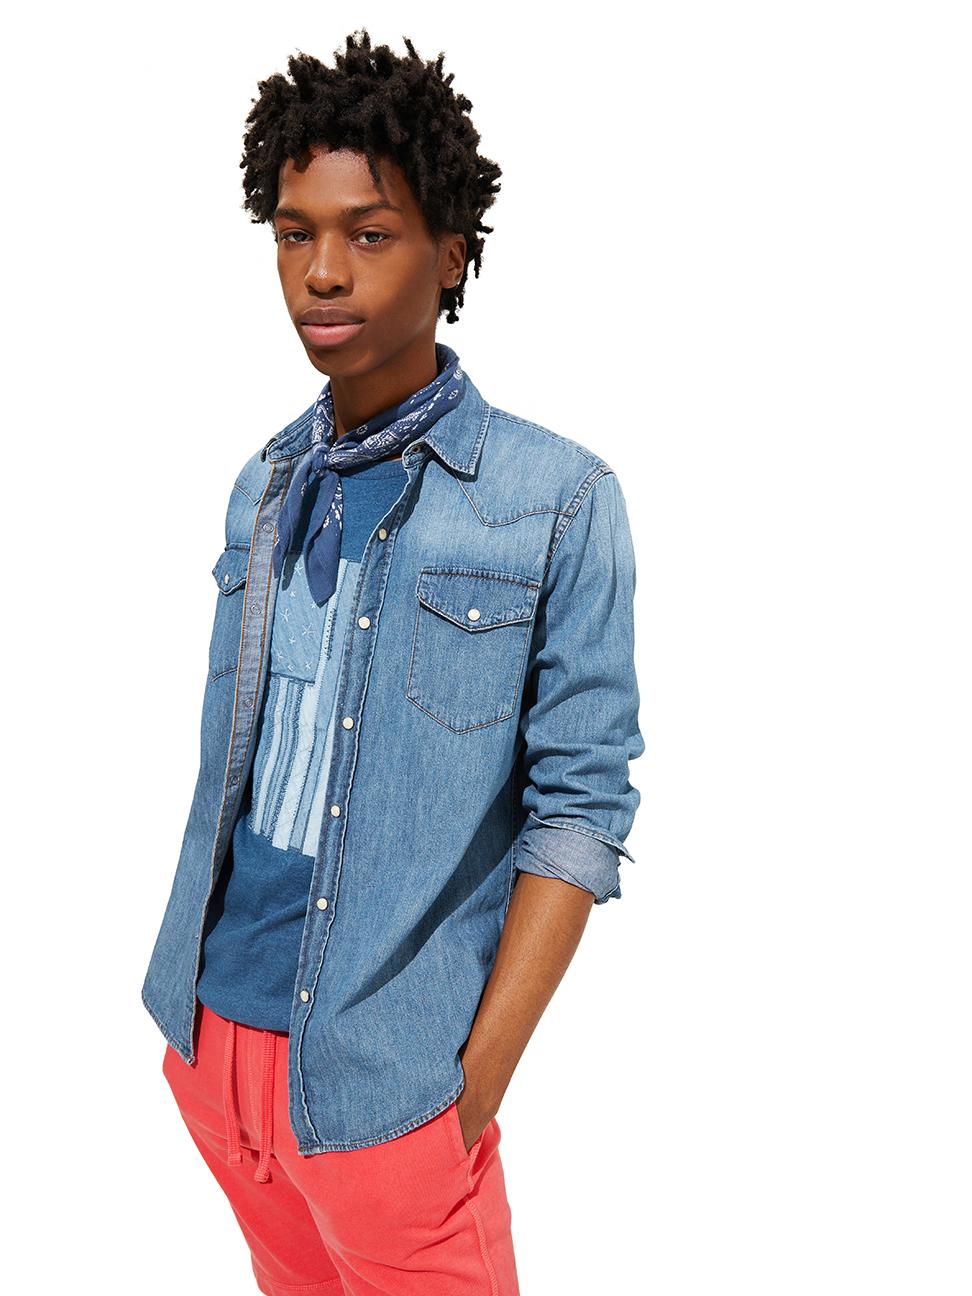 男裝 基本款純棉西部風修身牛仔襯衫